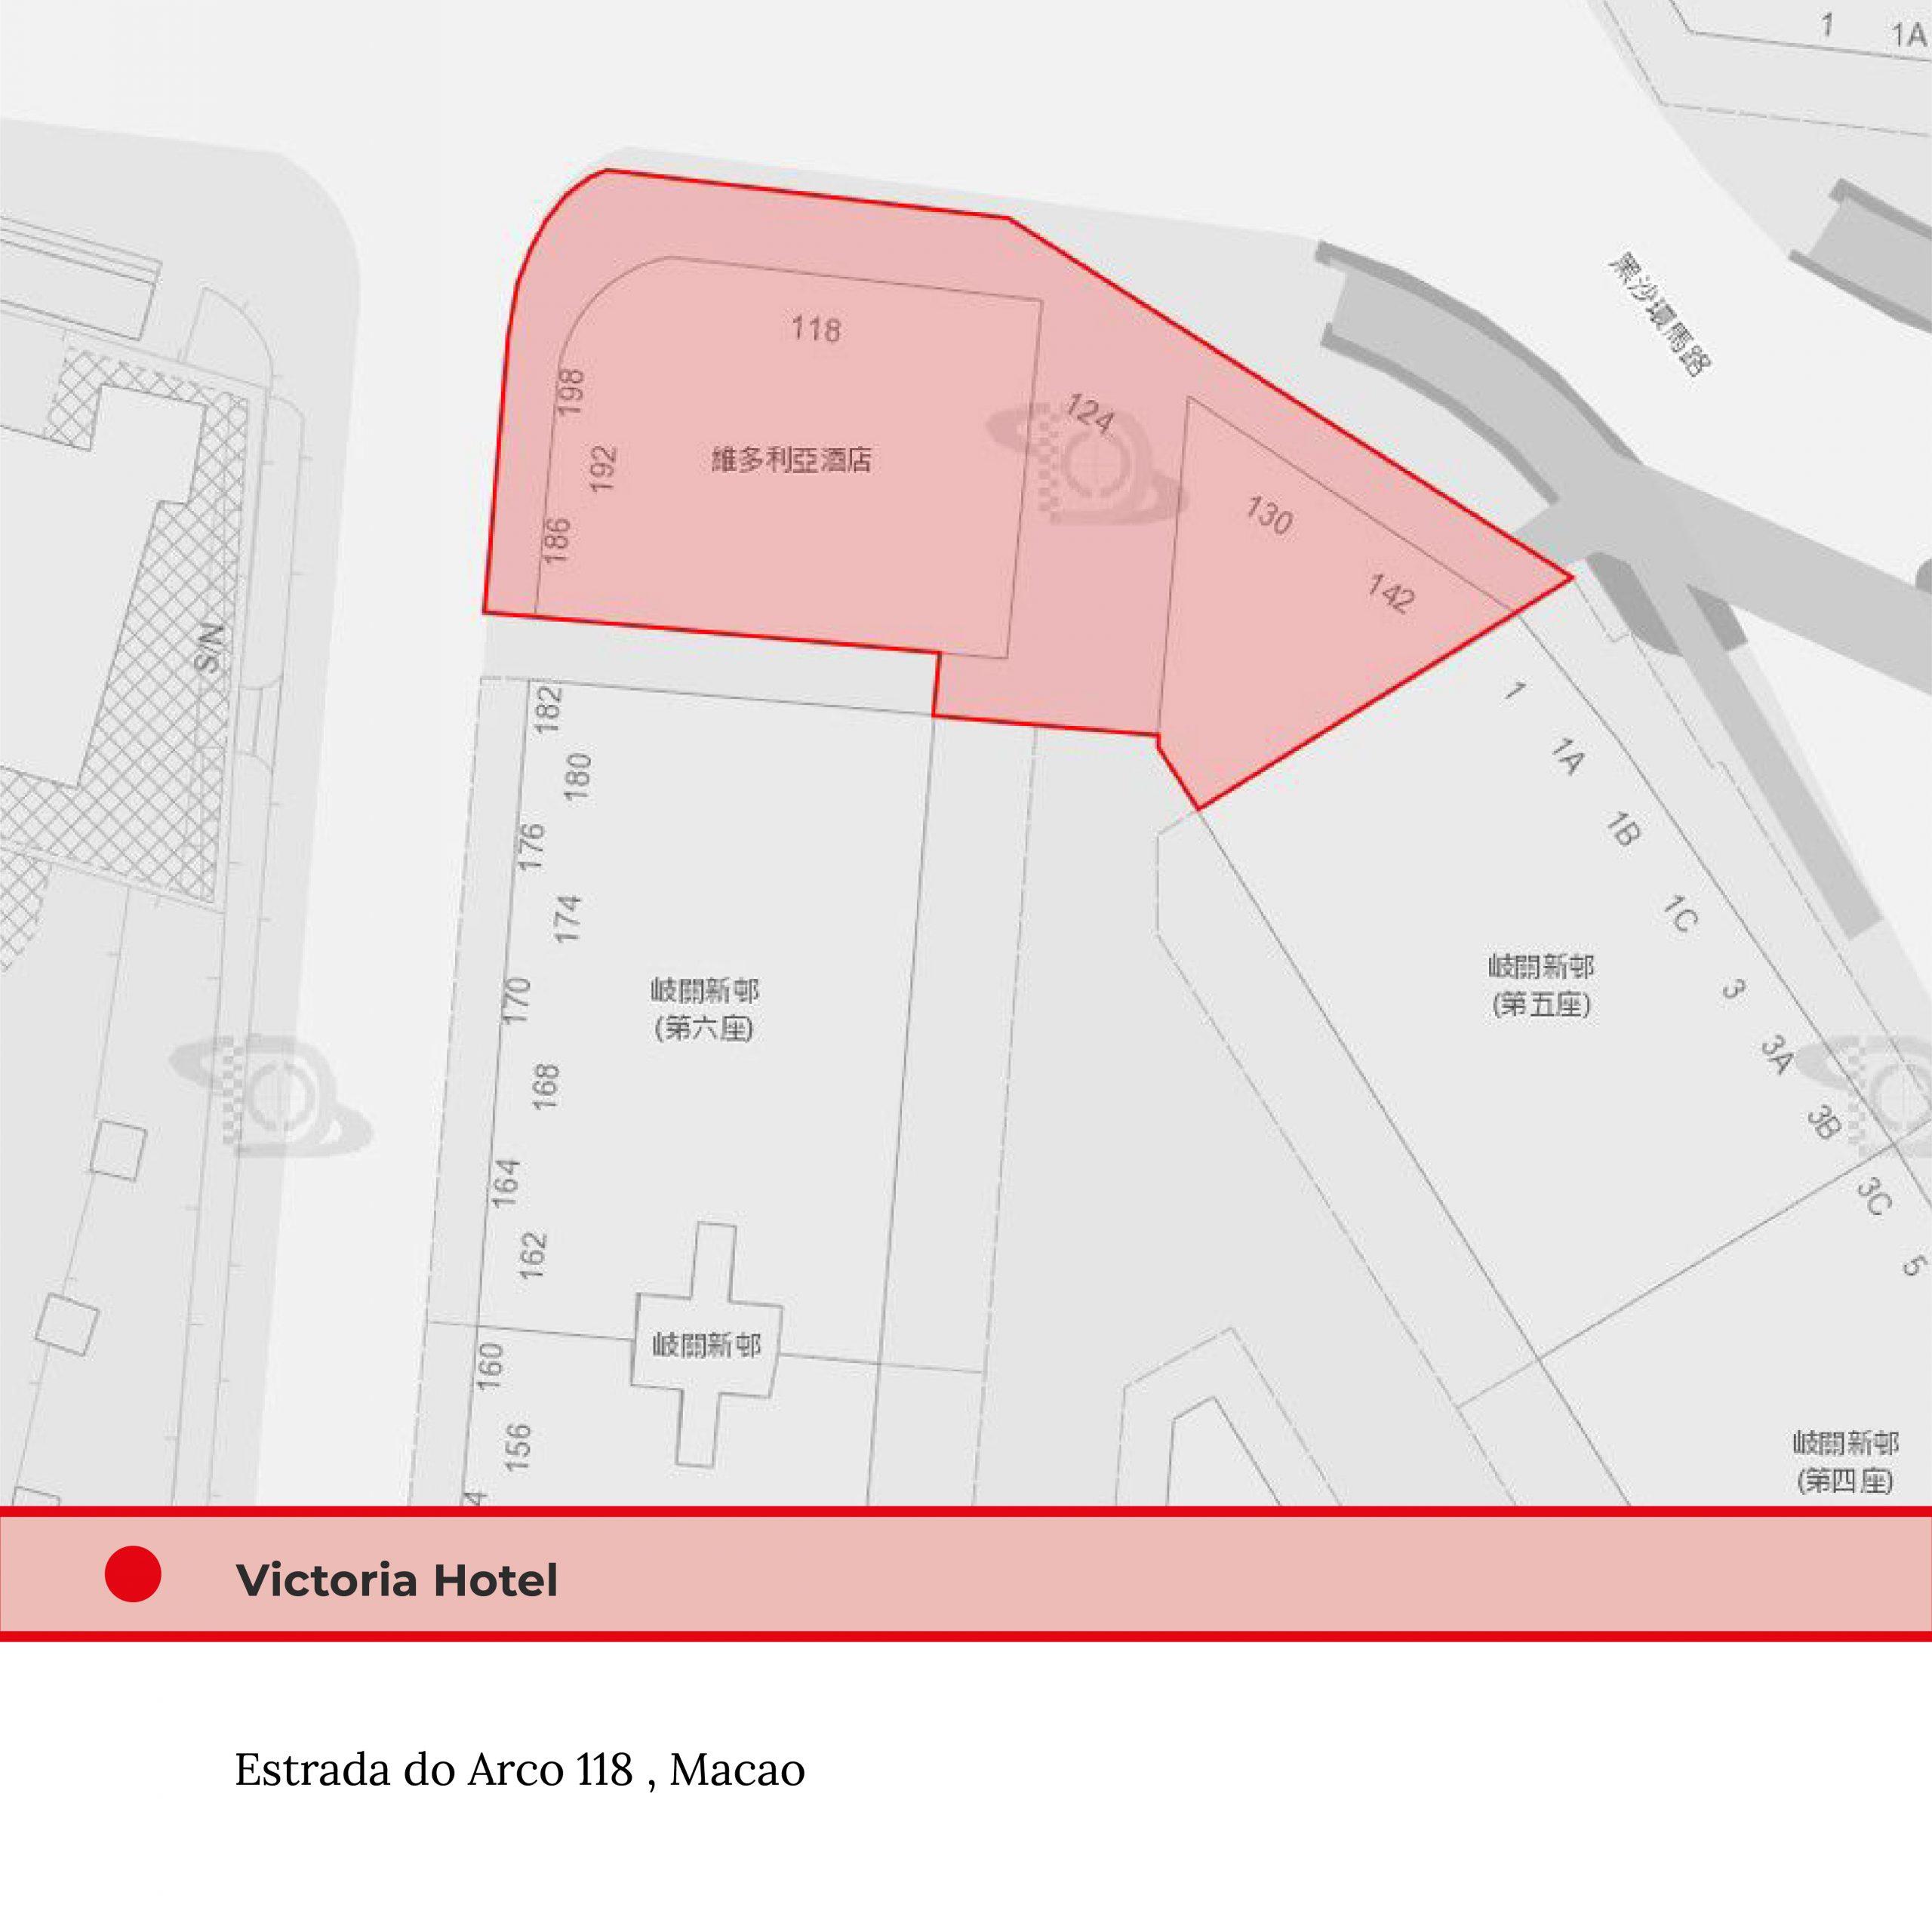 Victoria Hotel - Red Code Zone